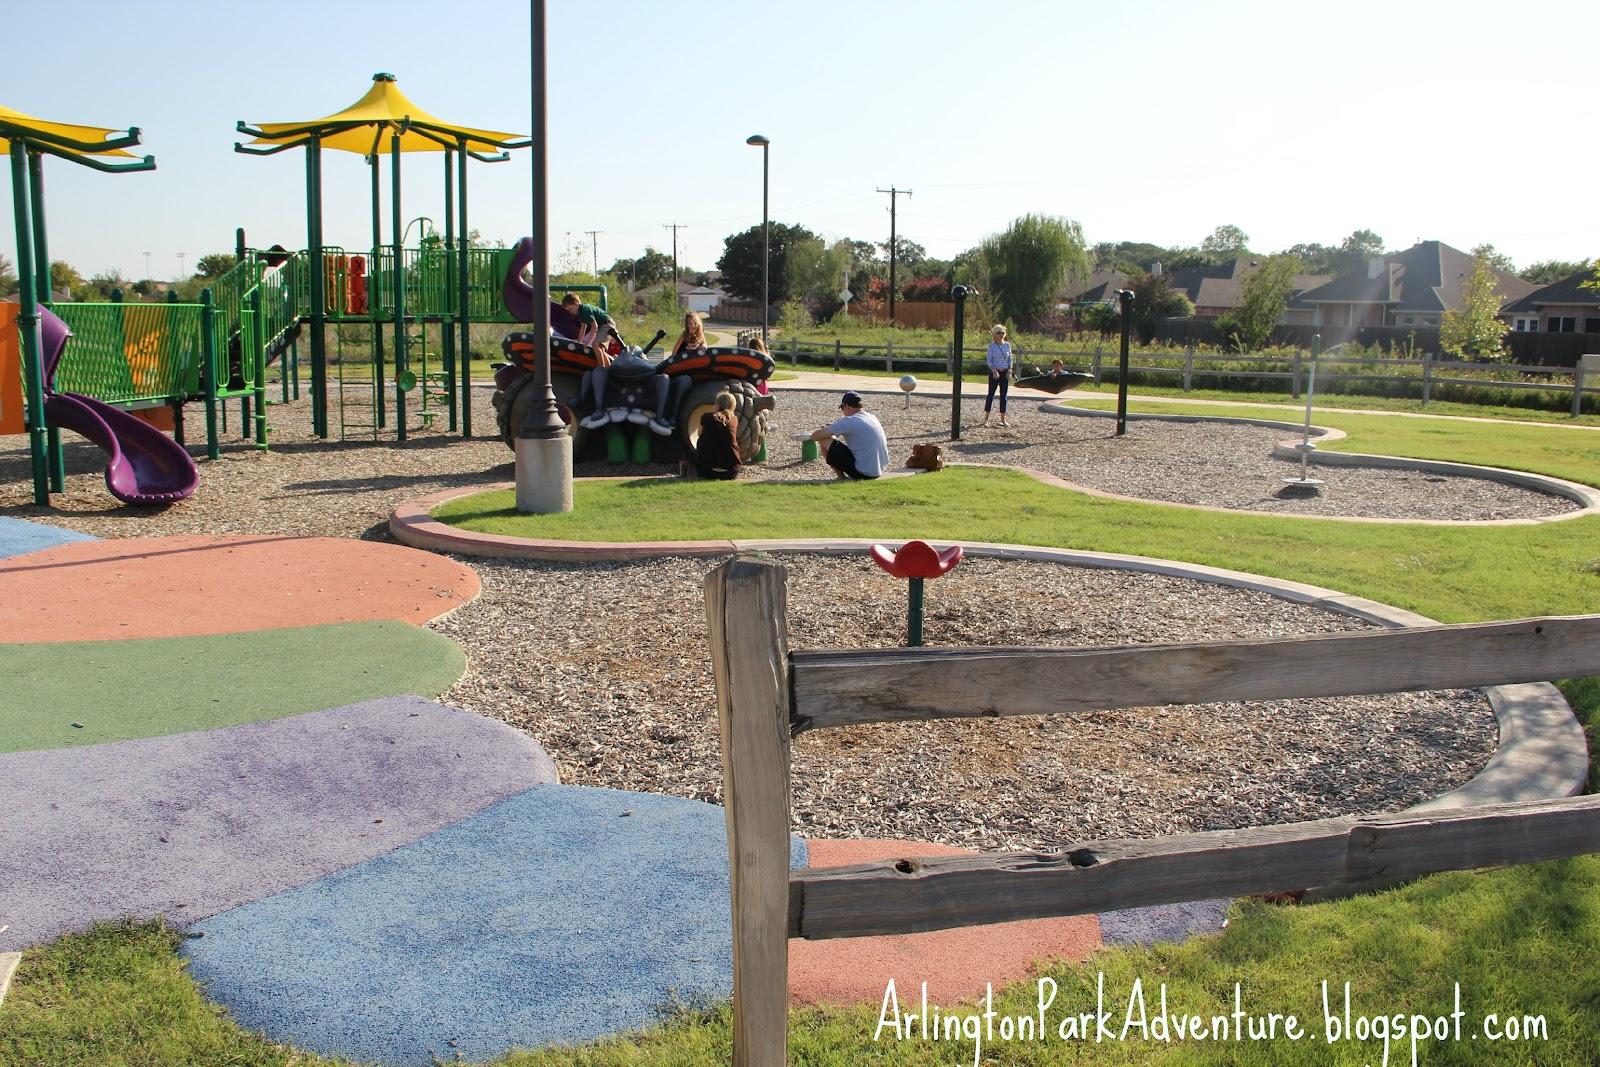 Arlington Park Adventures Treepoint Park